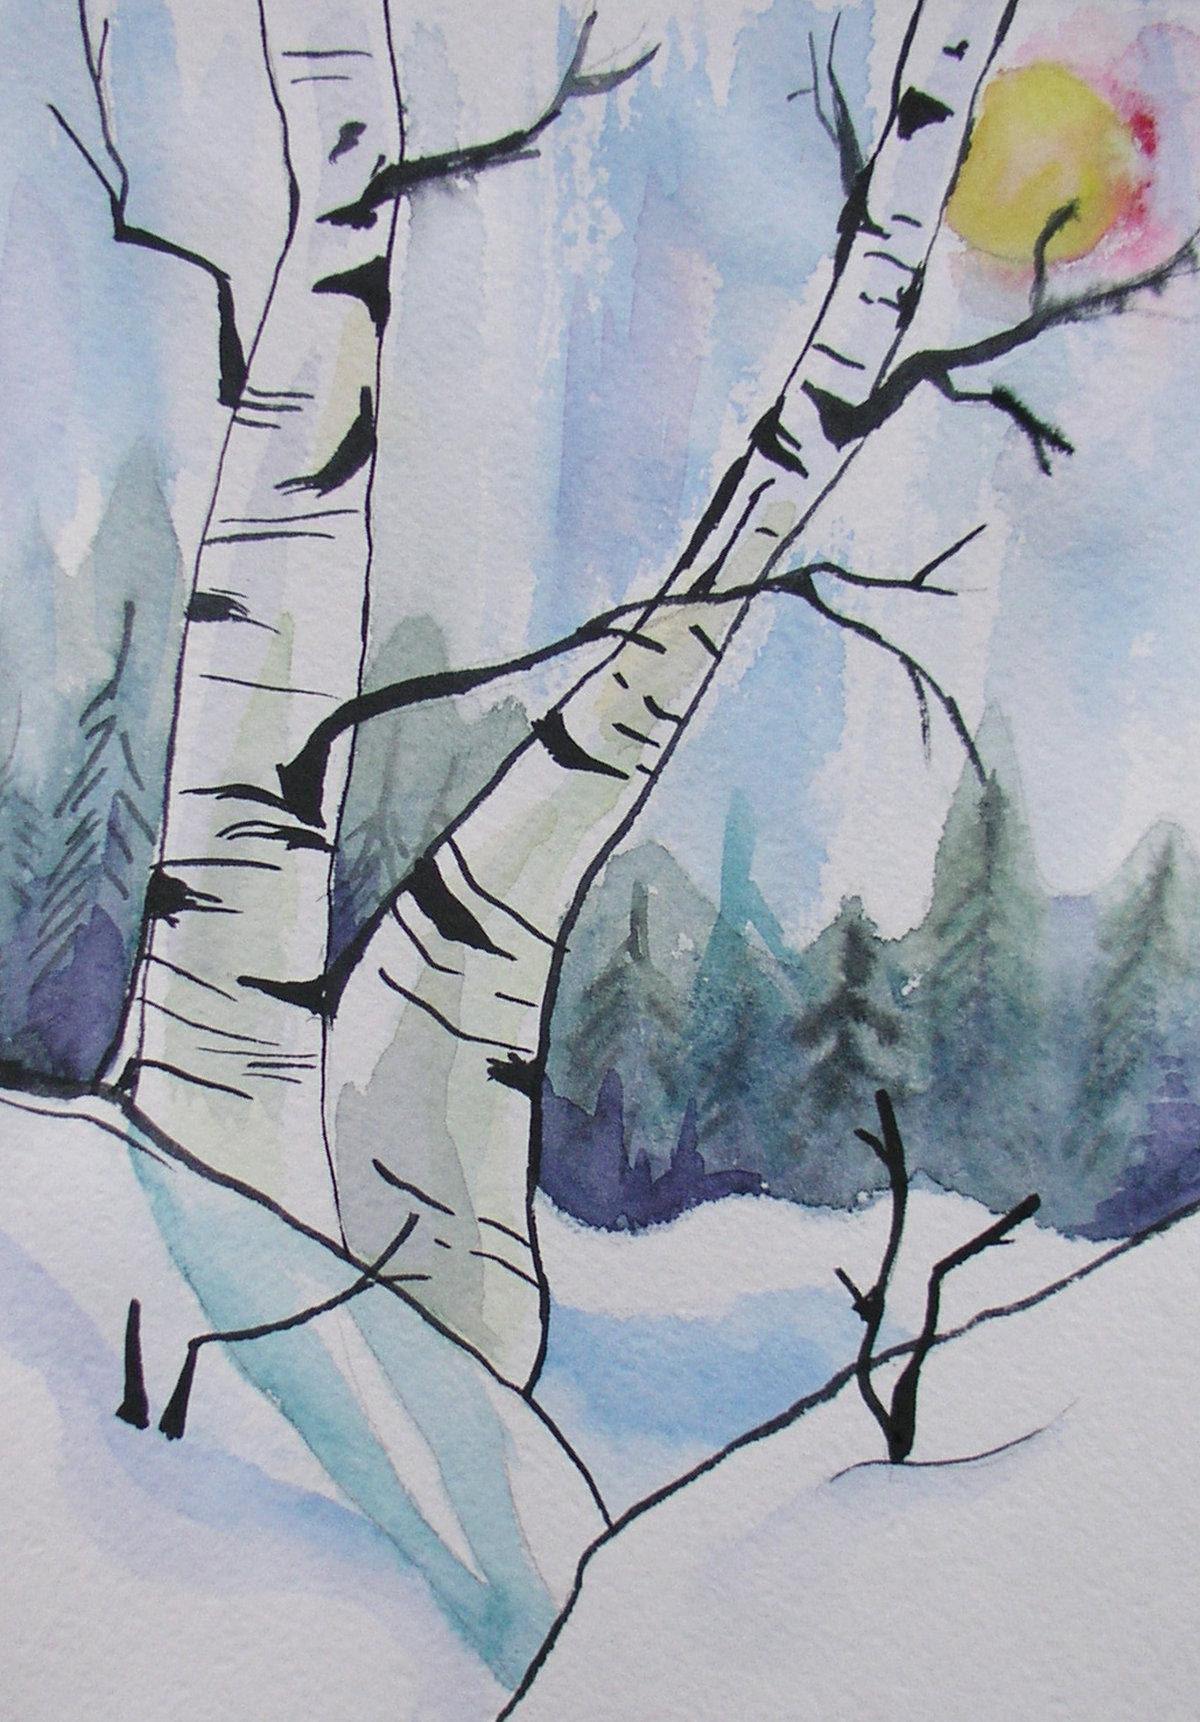 Картинки зимнего пейзажа для срисовки, марта распечатать